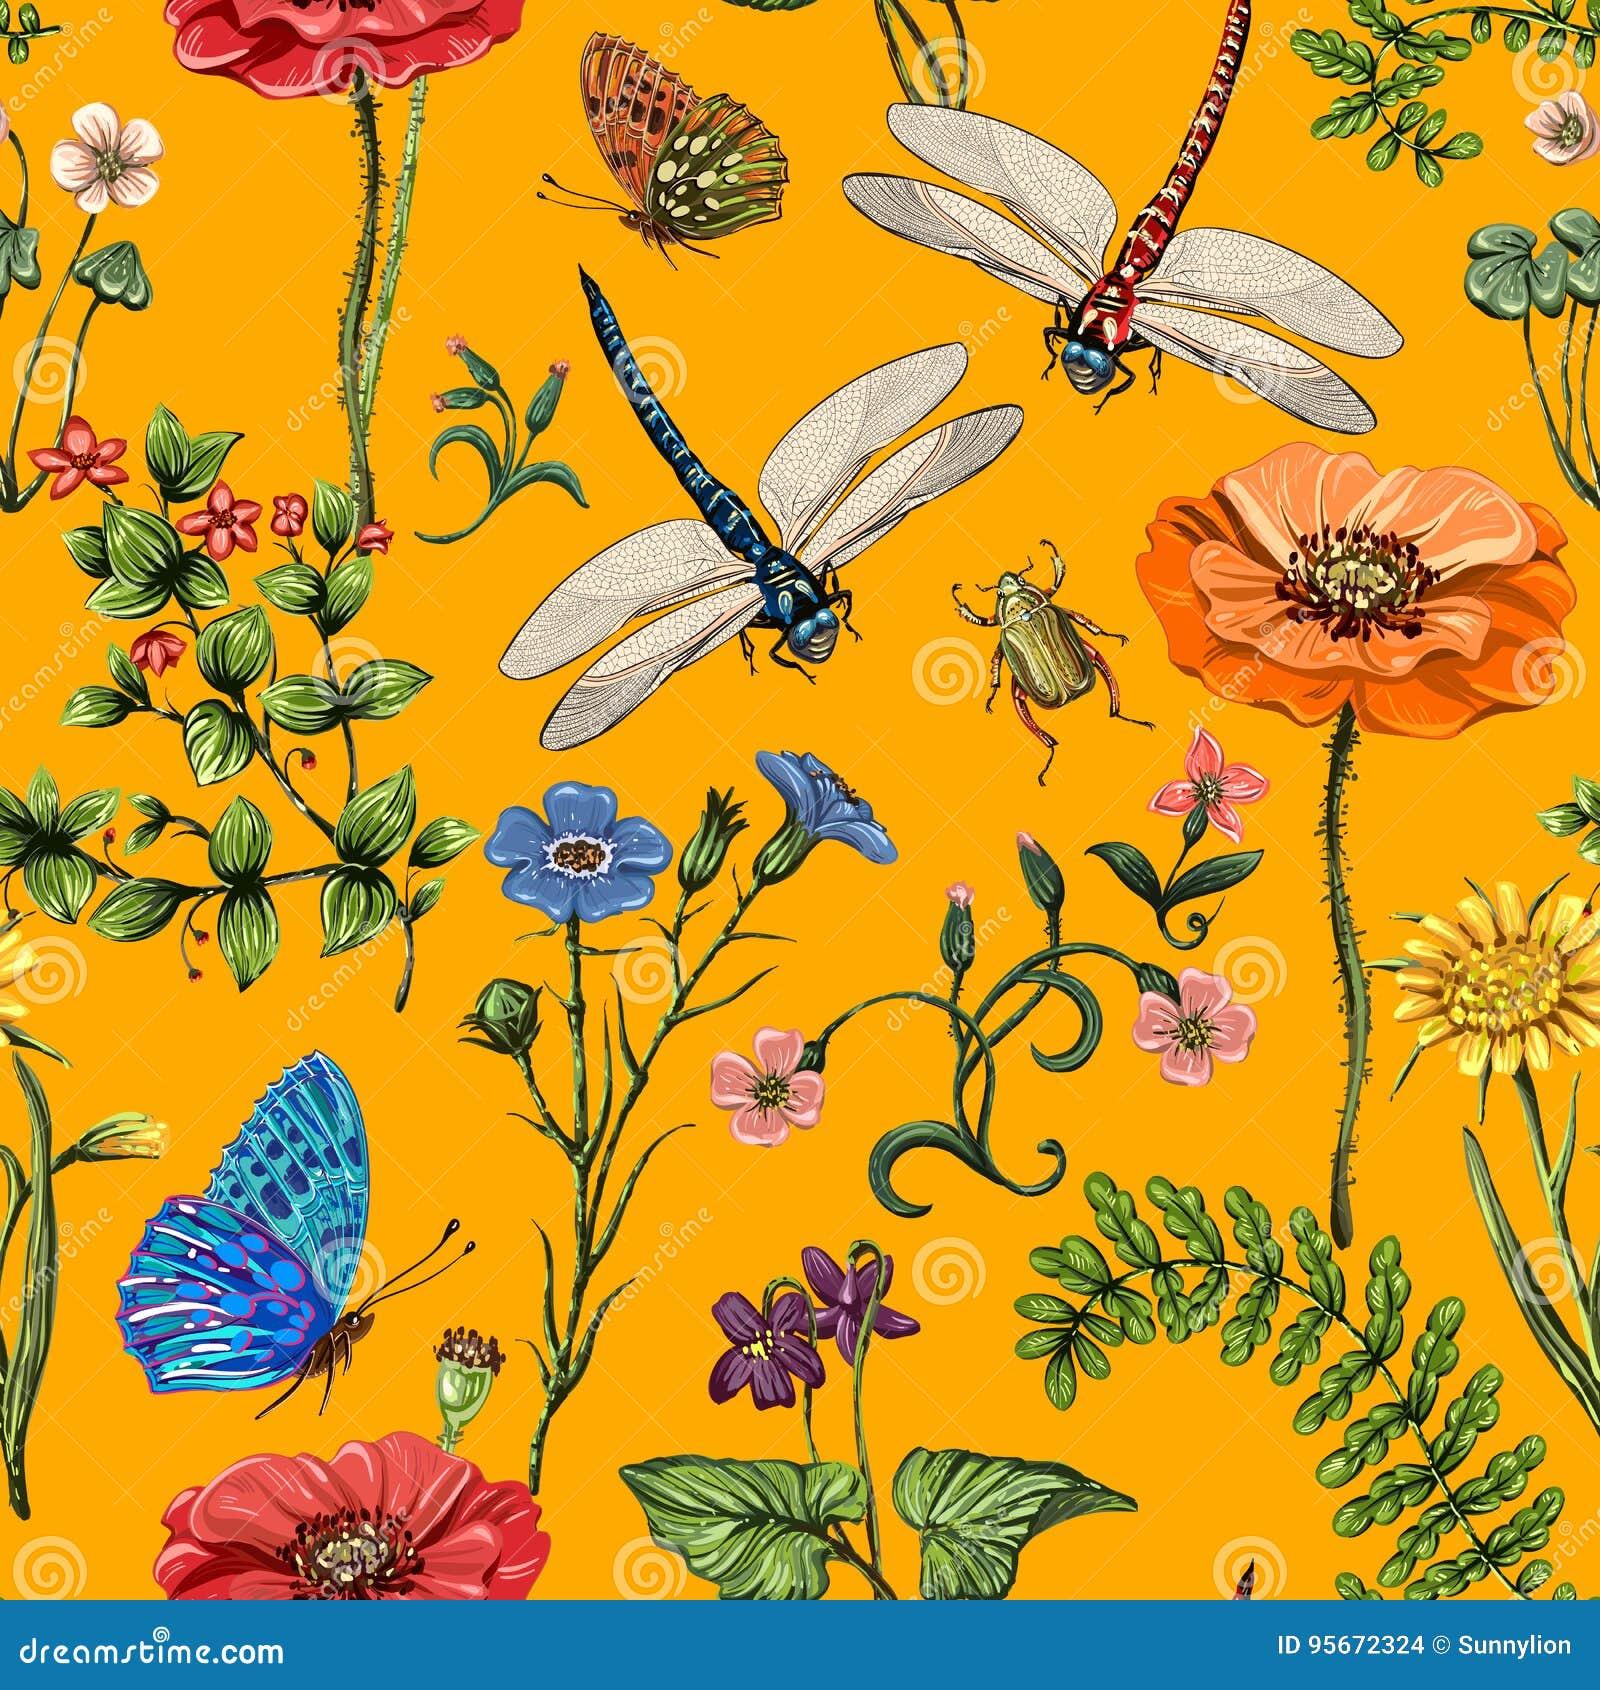 de zomer vector naadloos patroon botanisch behang installaties insecten bloemen uitstekende stijl vlinders libellen 95672324 - Insecten Behang